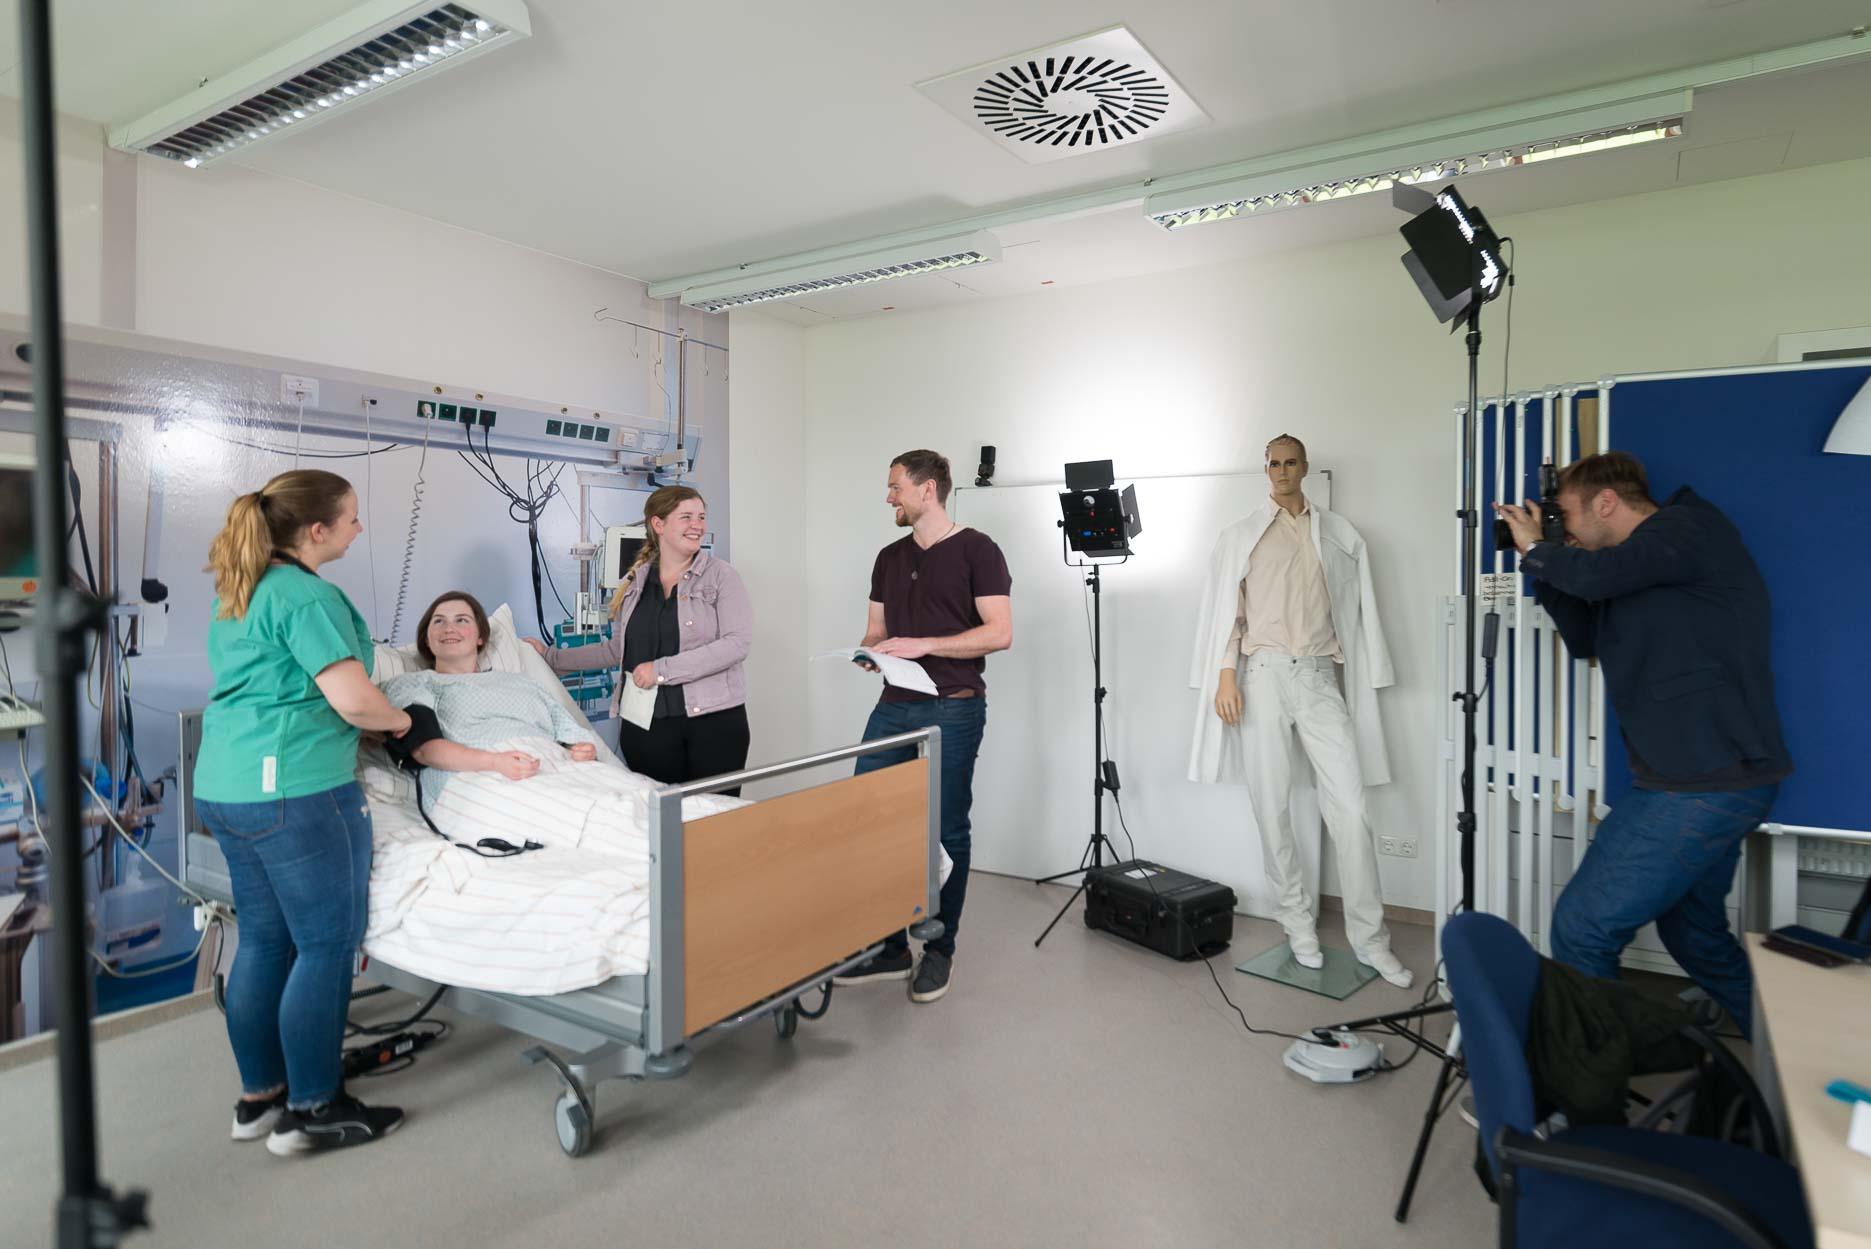 Während des Shootings für den Fachbereich Gesundheitswesen der Hochschule Niederrhein. Man beachte den lässigen Typ - der zweite von rechts ;)